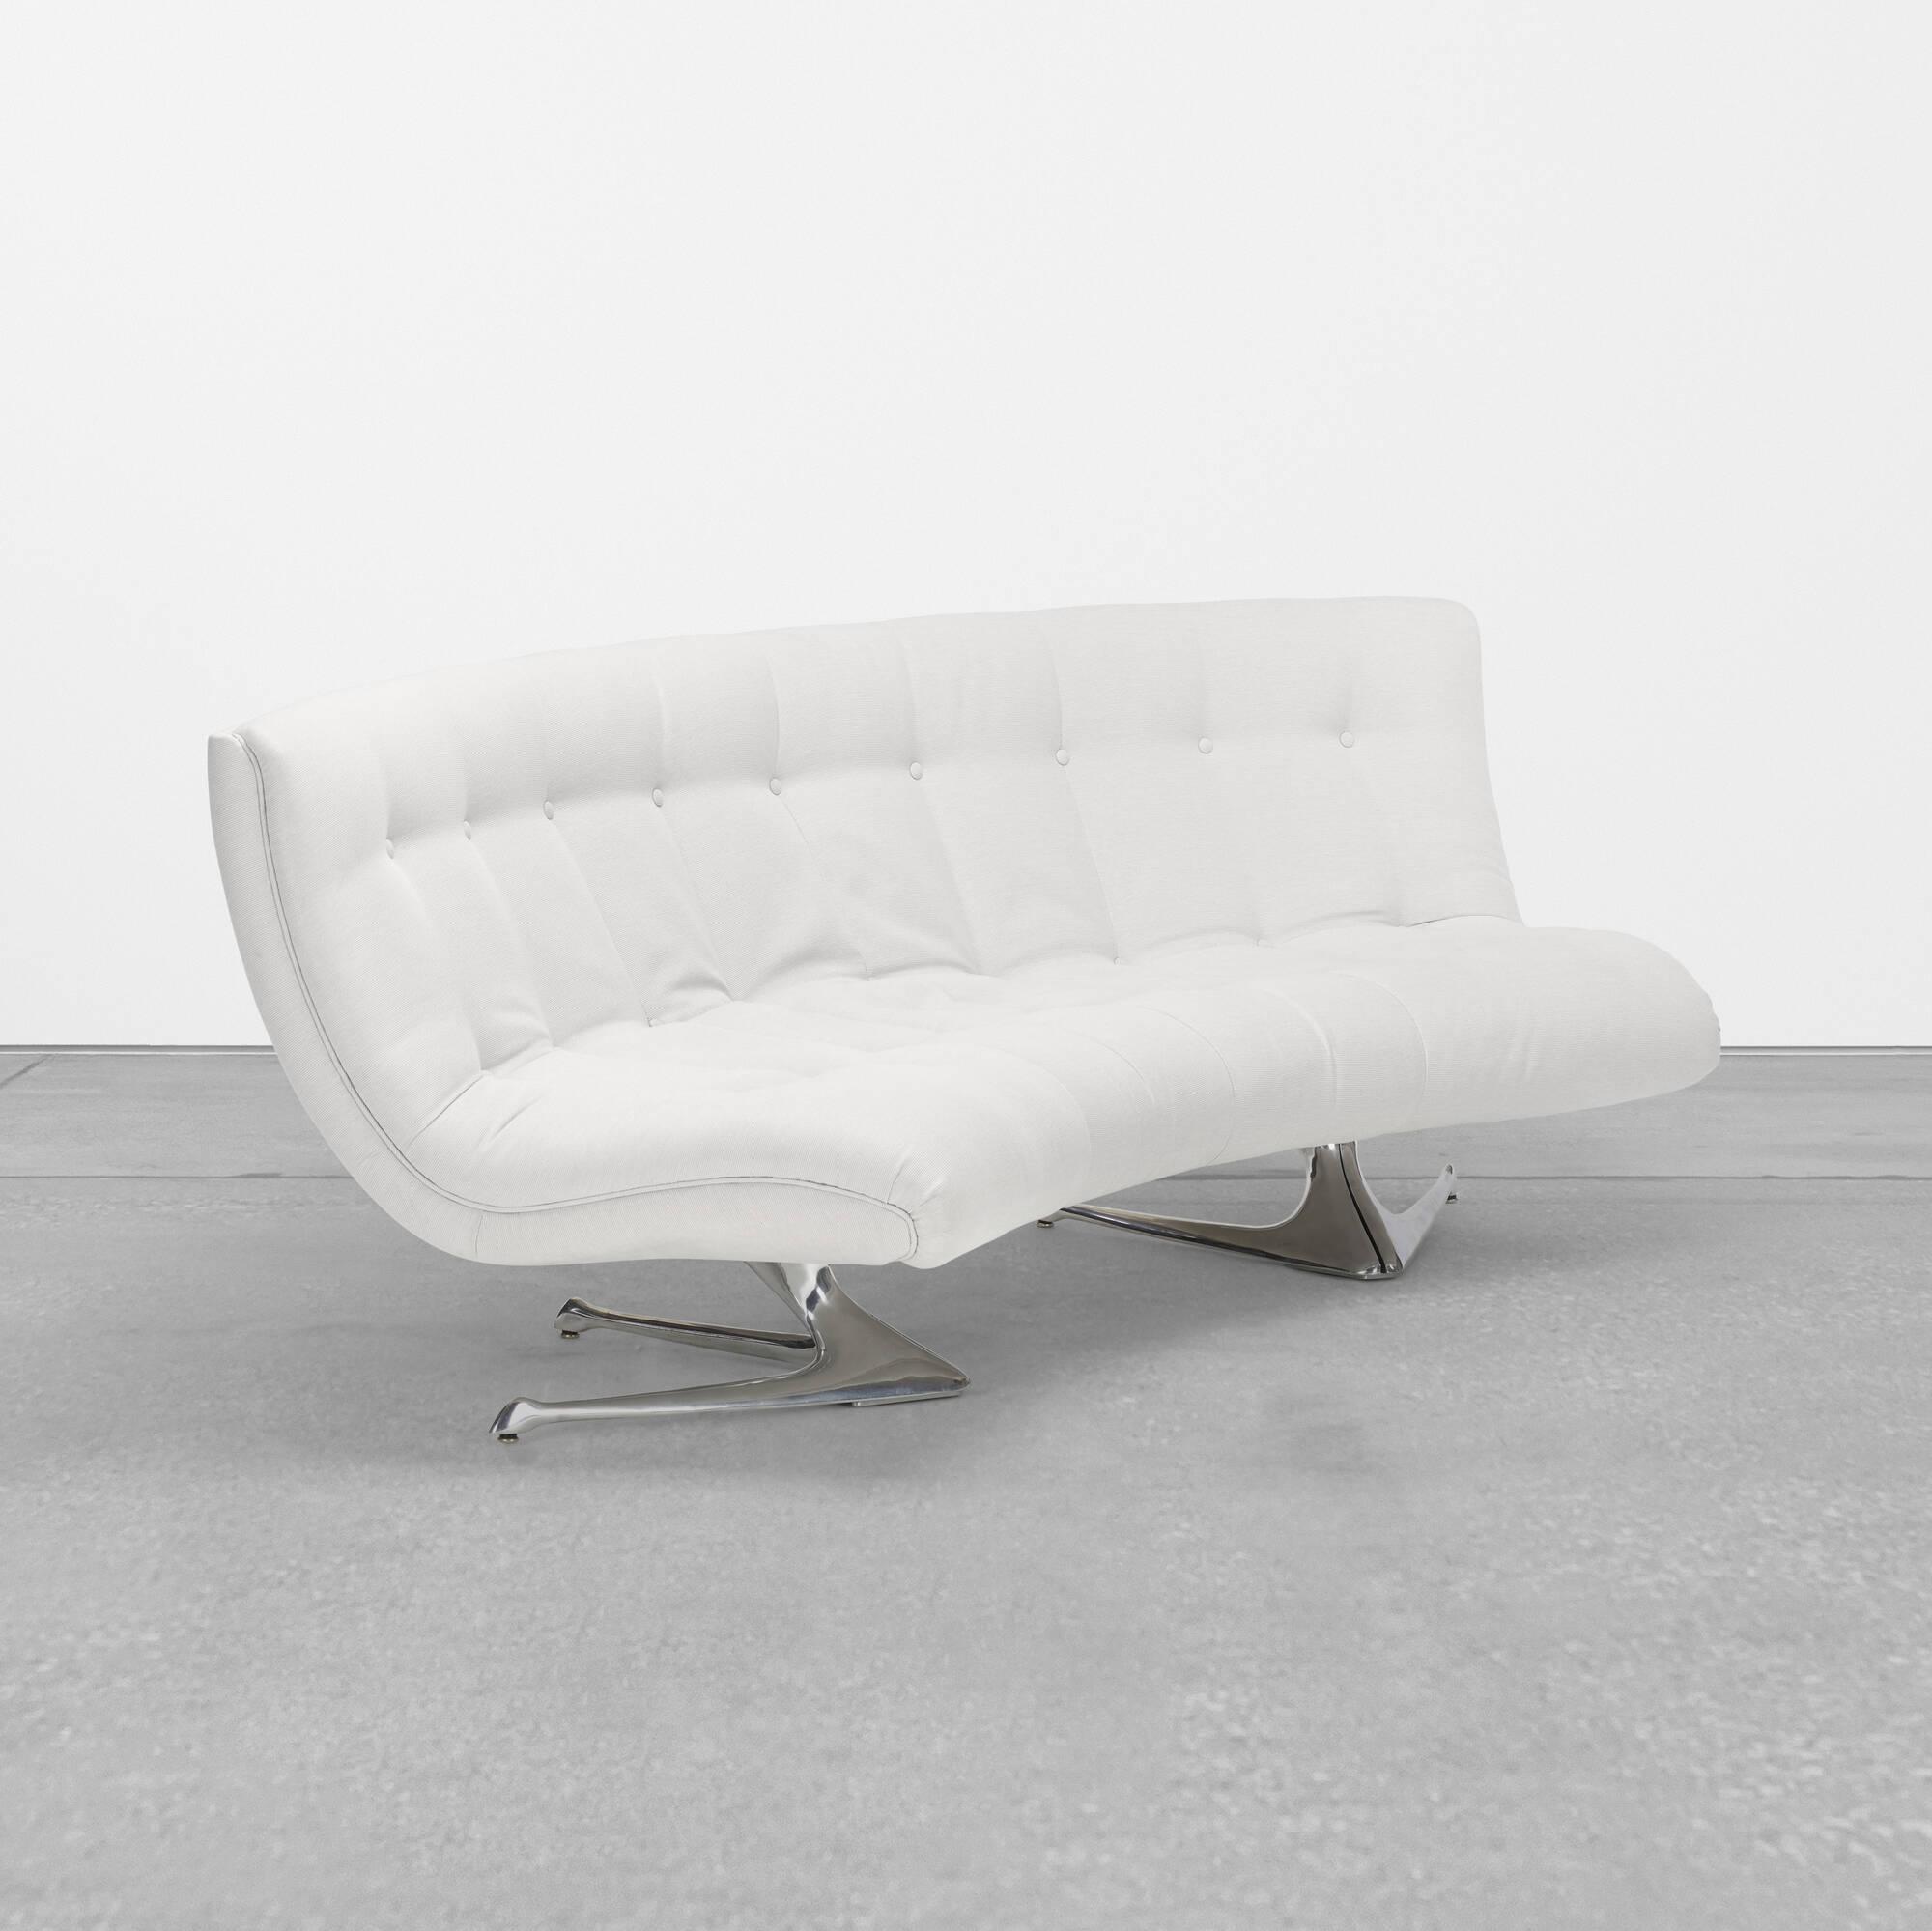 408: Vladimir Kagan / Unicorn Sofa (1 Of 4)